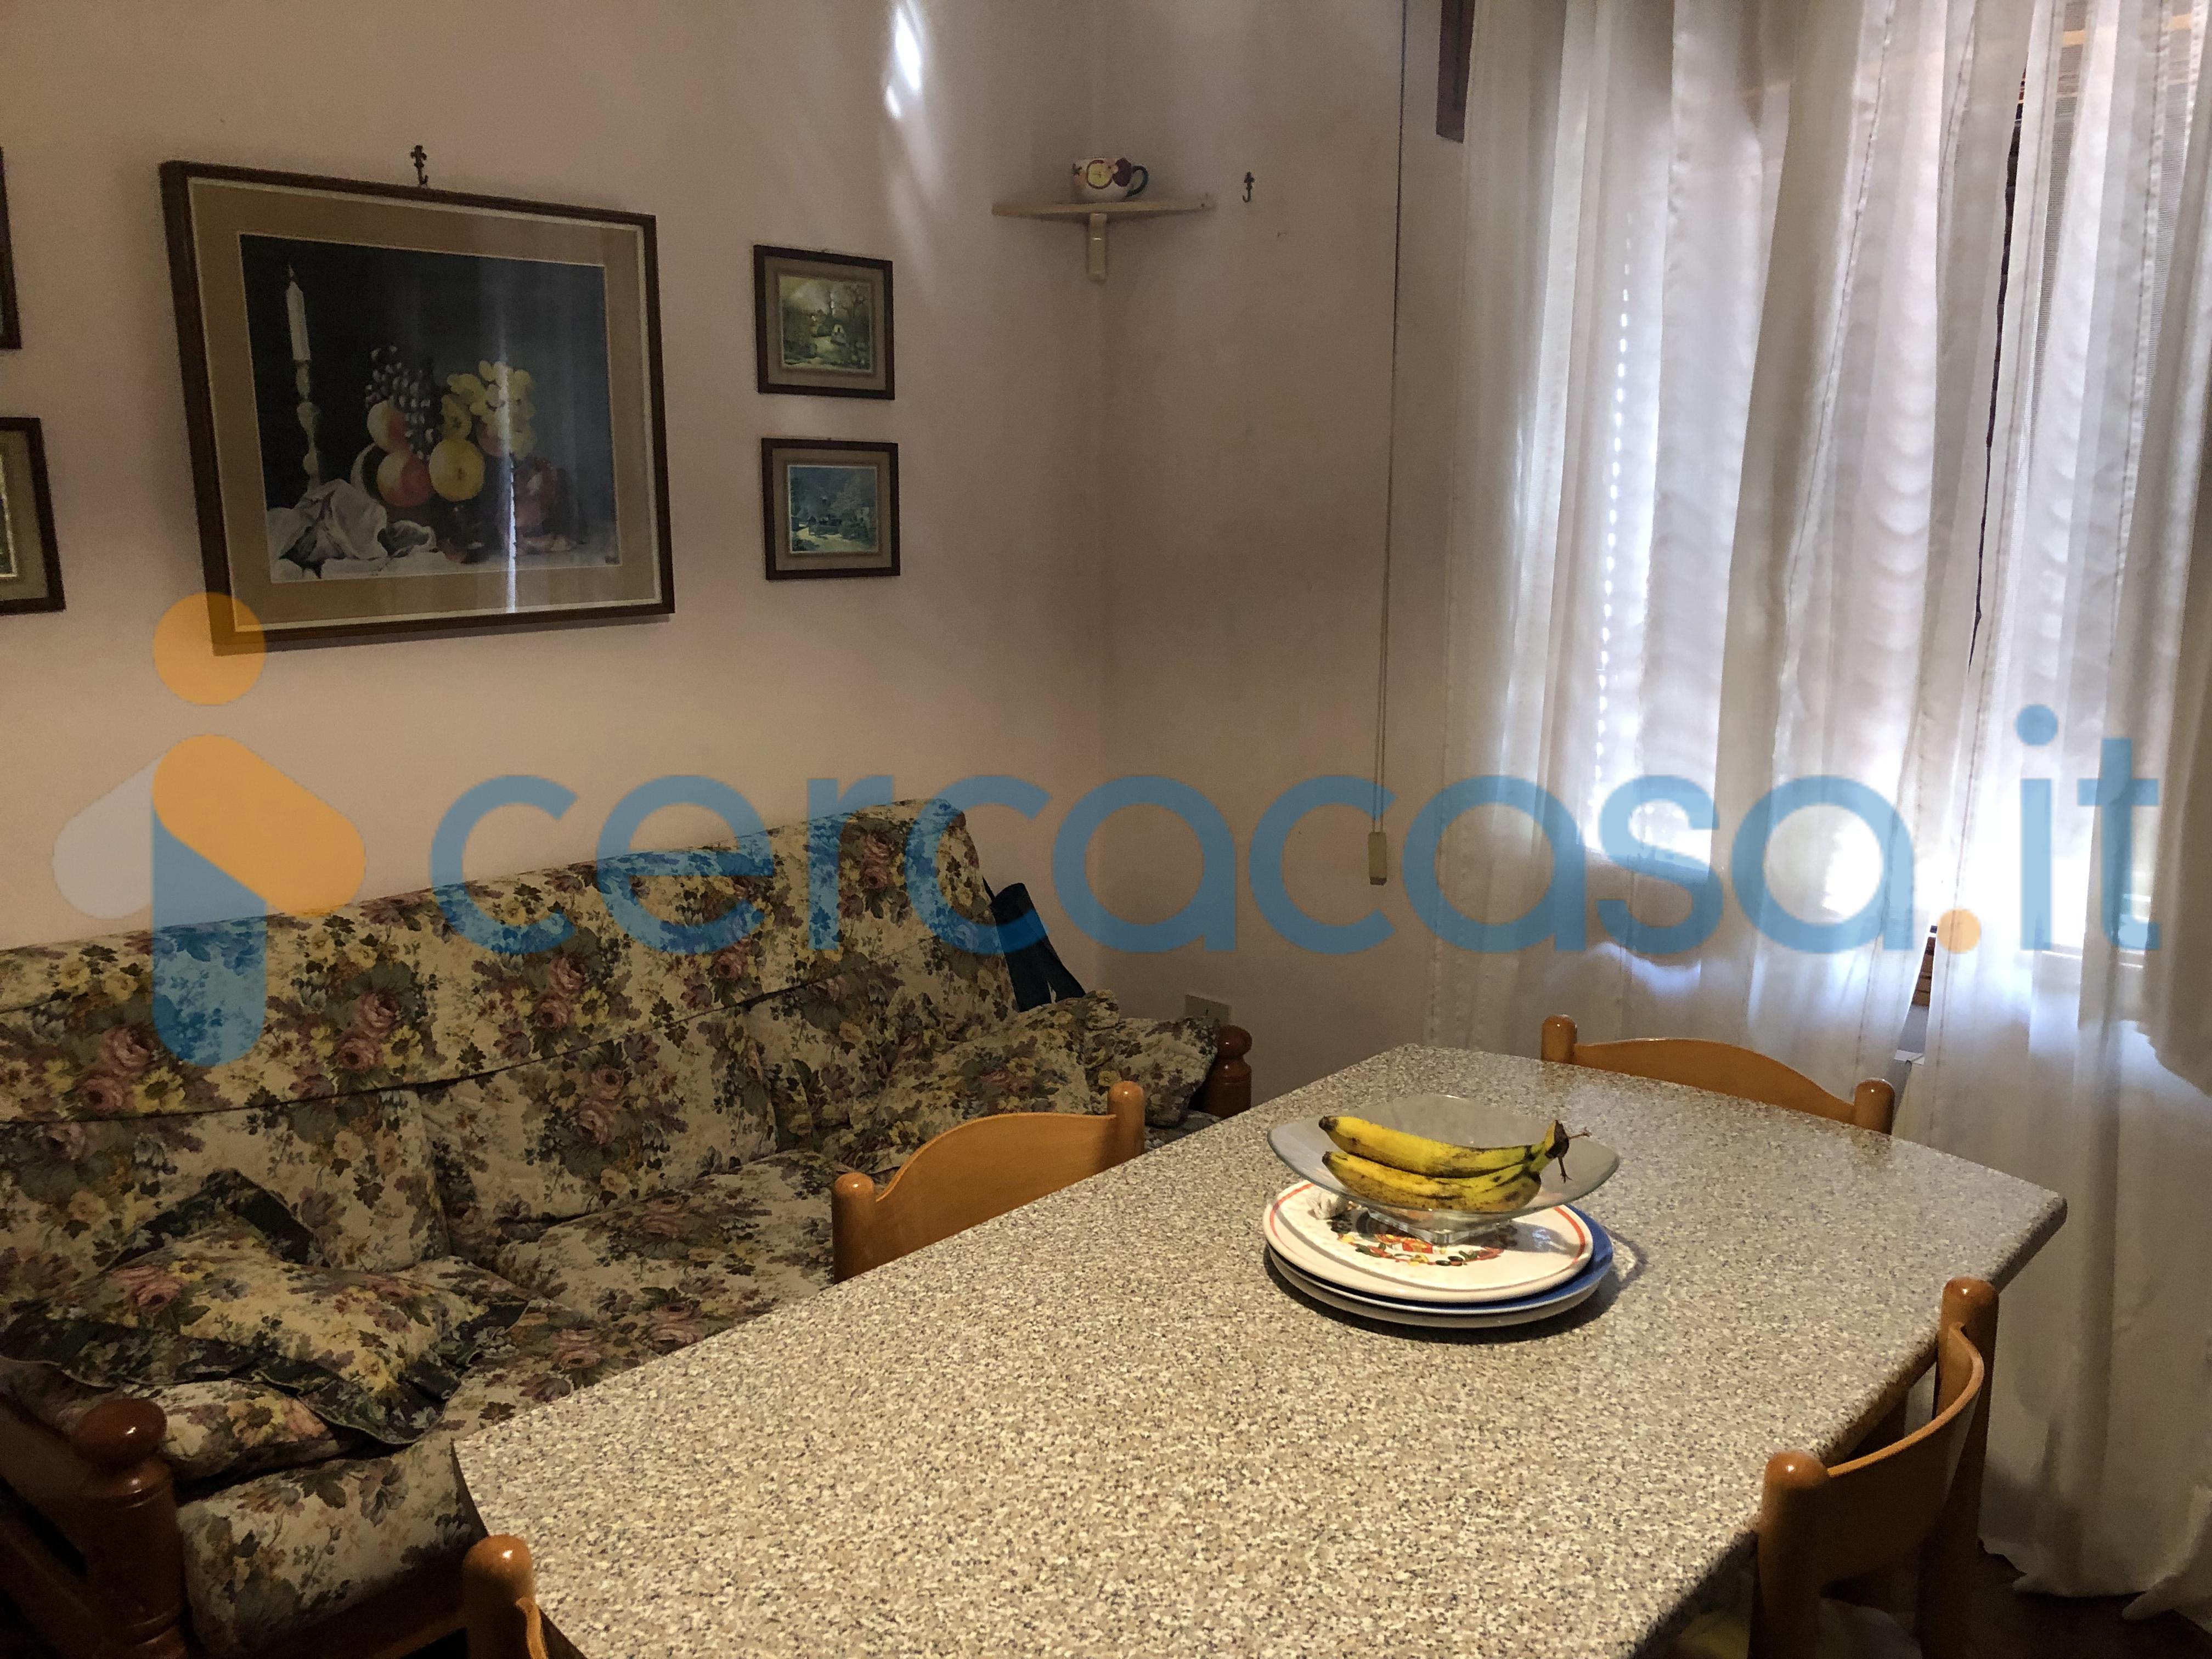 _abitazione-accostata-con-giardino-esclusivo